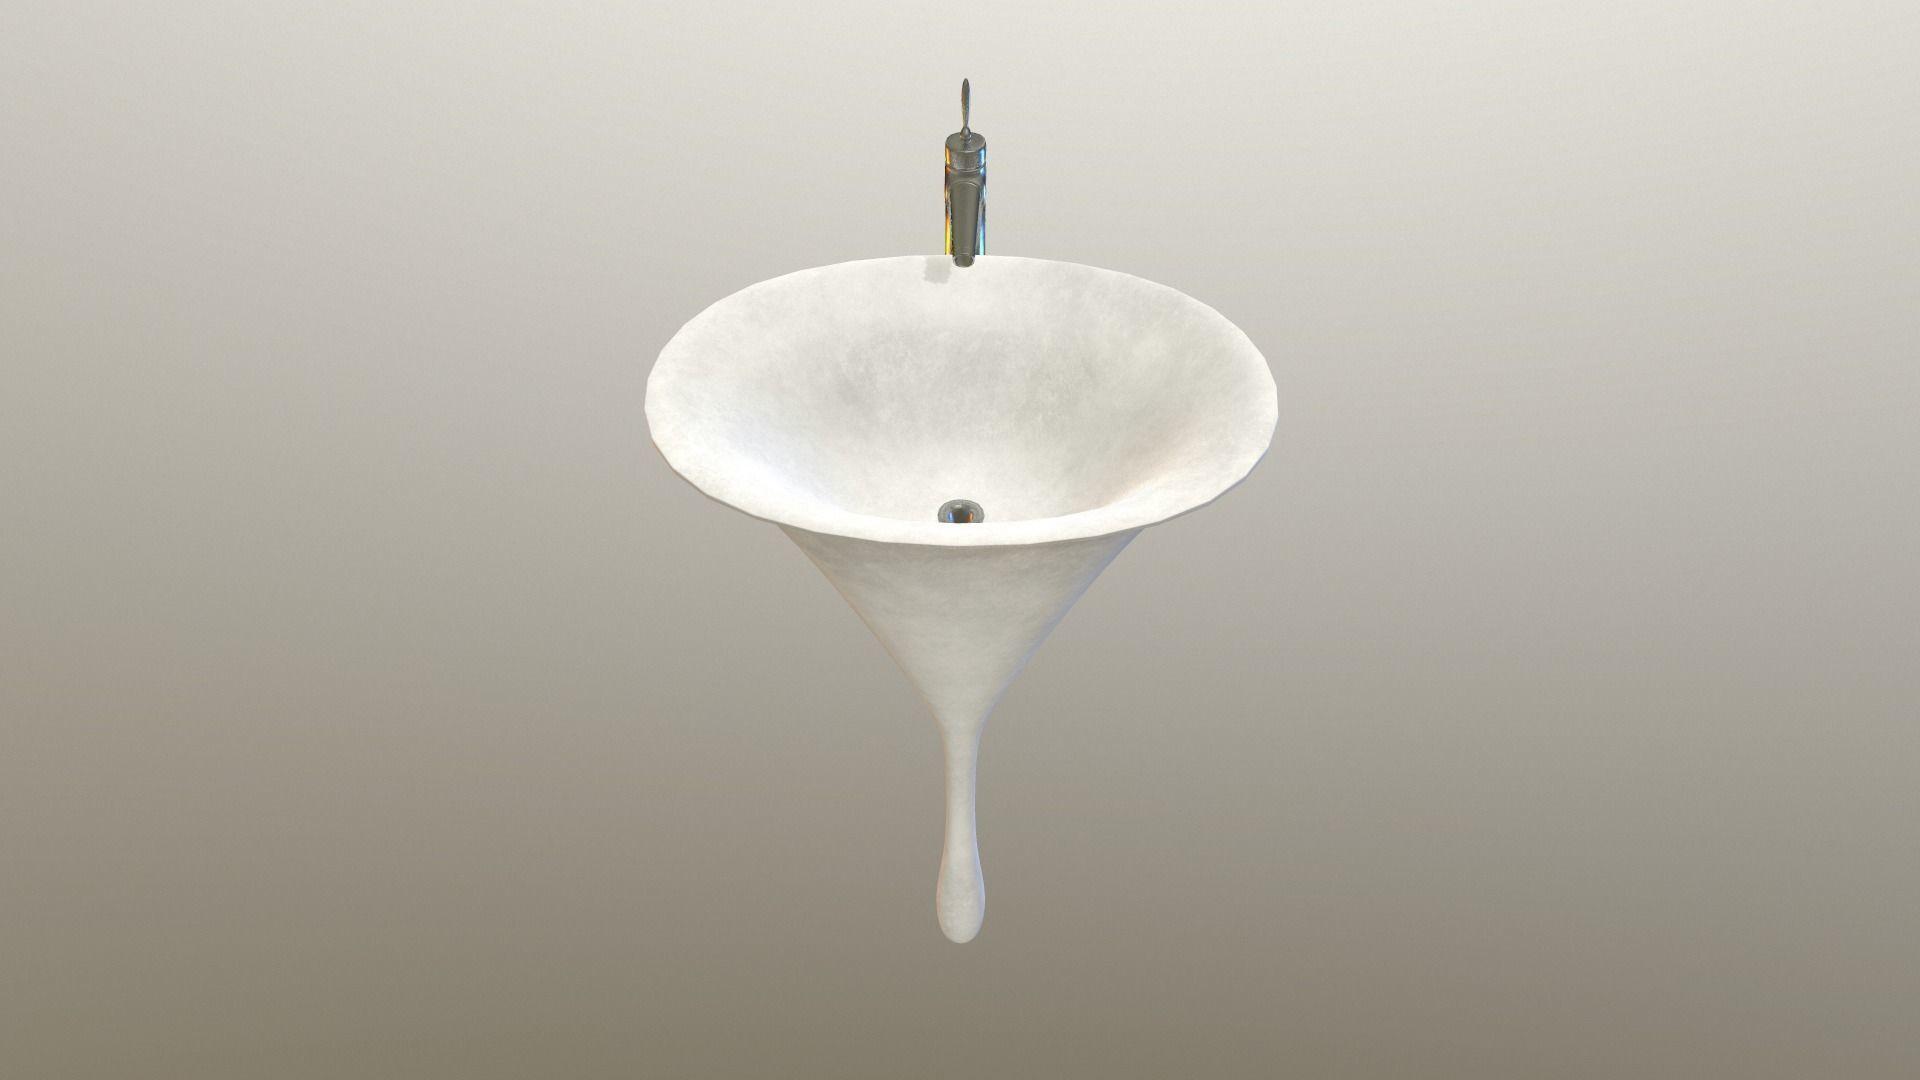 Unique Pedestal Sink 3d Asset Cgtrader